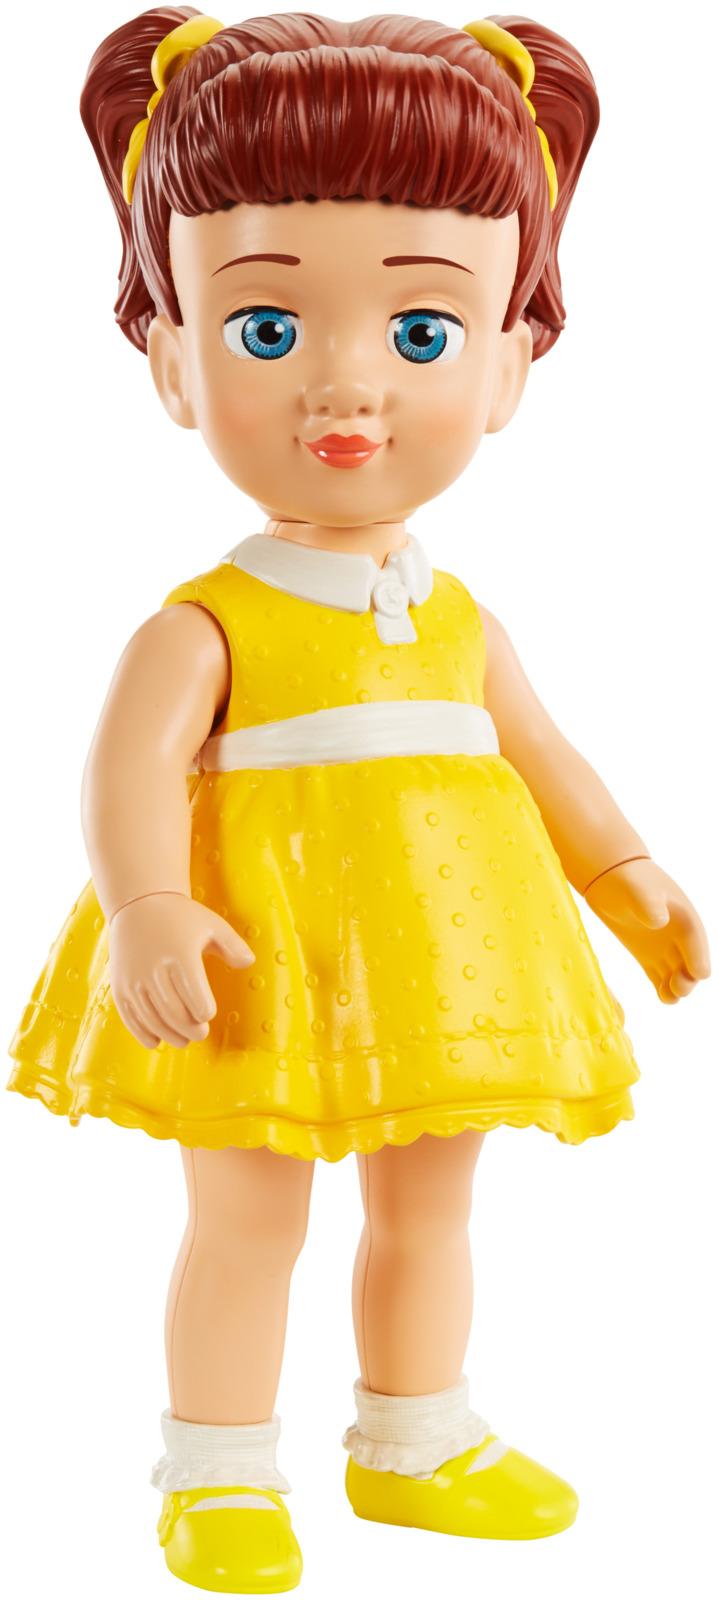 Фигурки персонажей Mattel История игрушек Toy Story 4 GDP65 в ассортименте